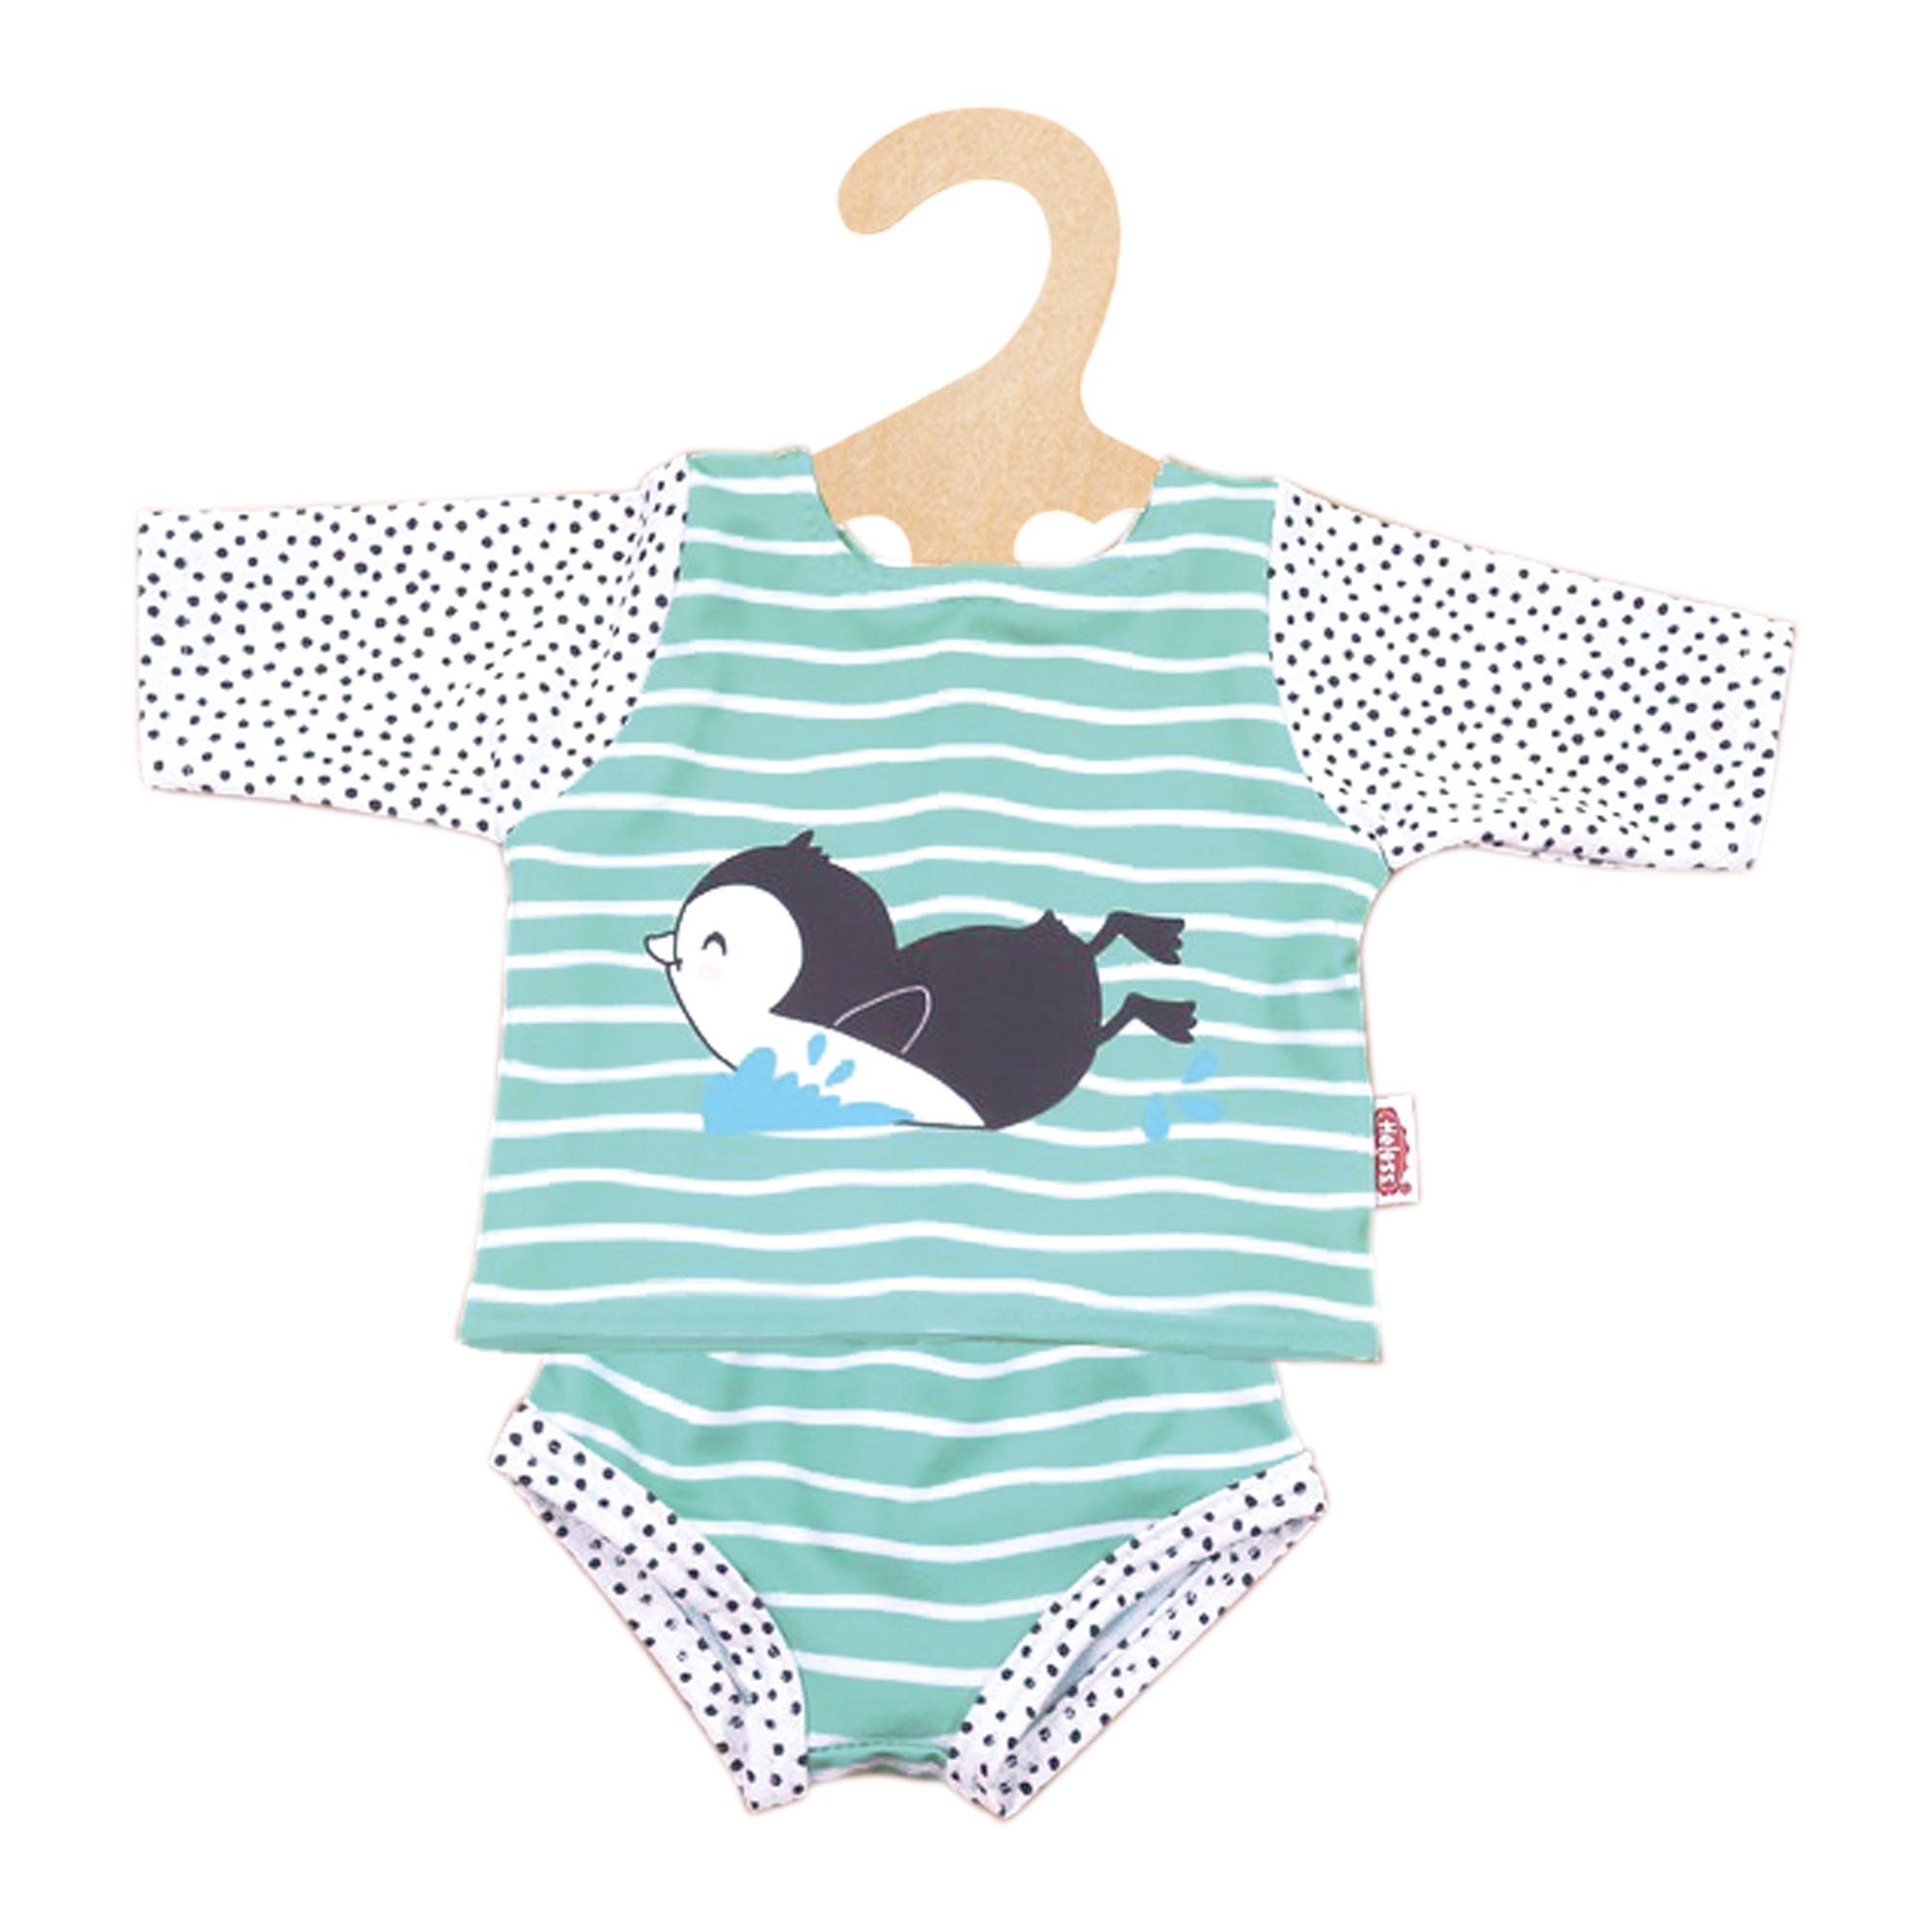 """Schwimm-Outfit """"Pinguin Pünktchen"""", 2-teilig, Gr. 35-45 cm"""